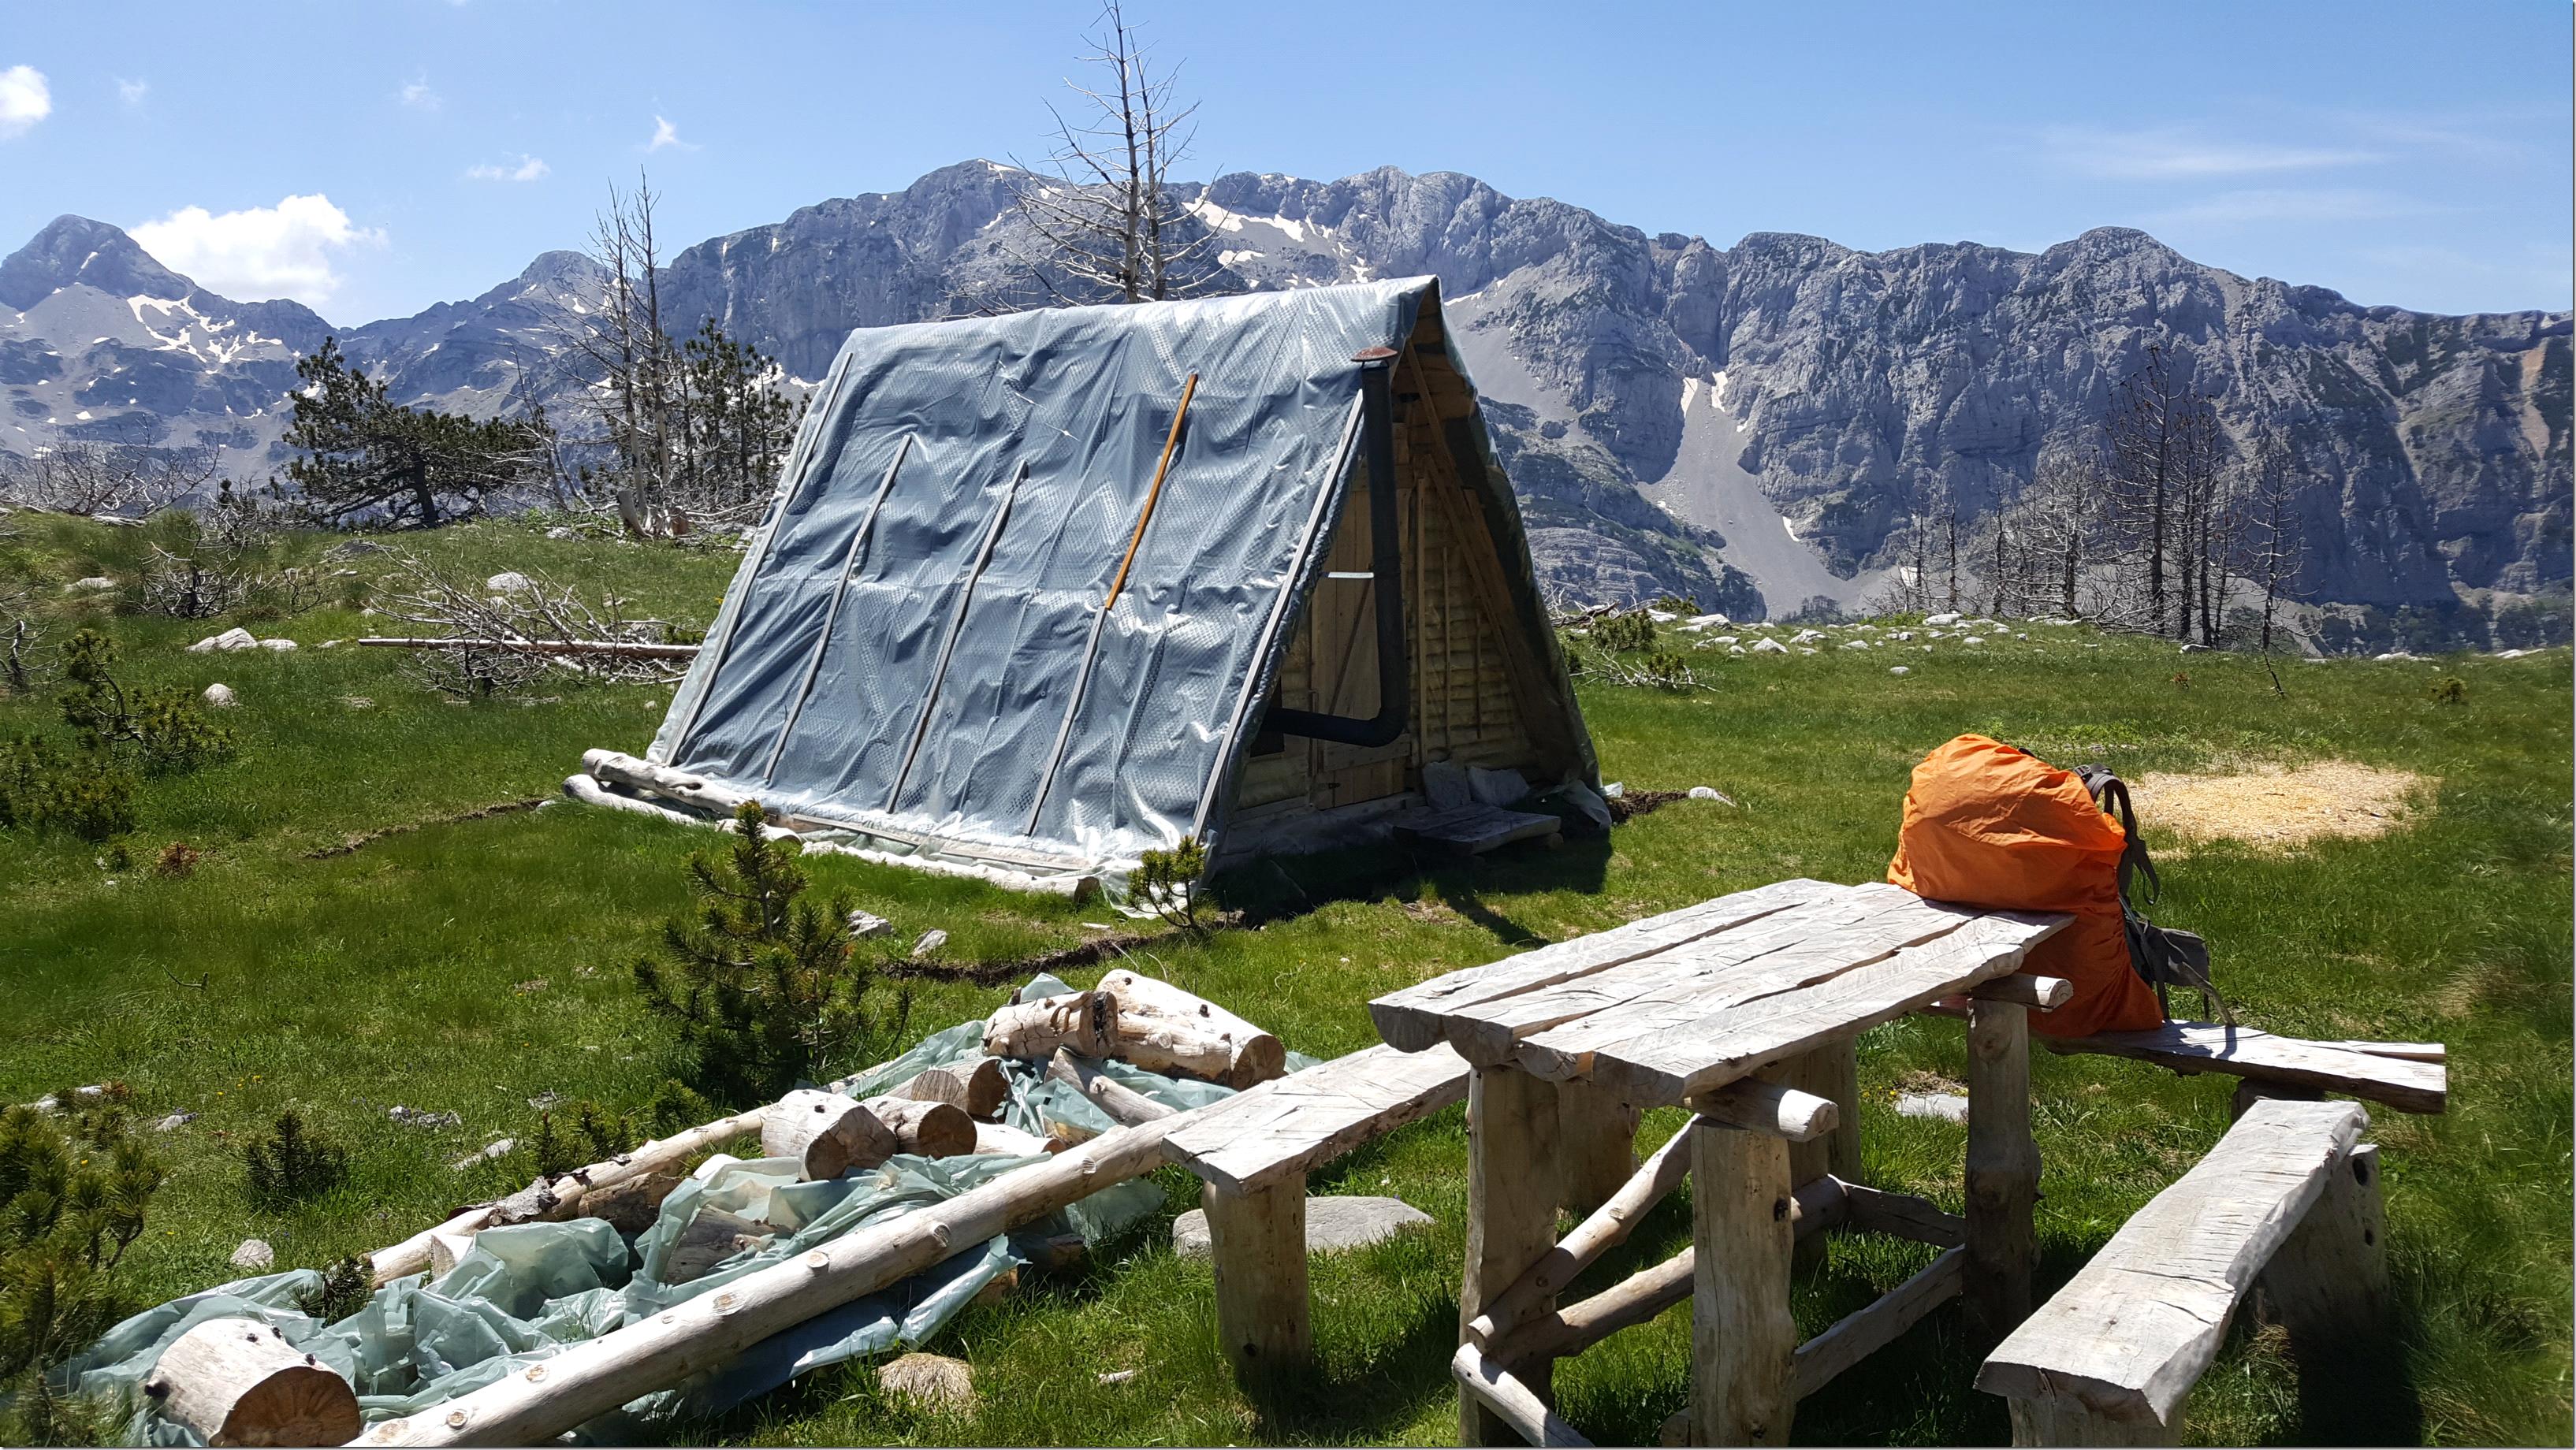 Grande randonnée dans les Balkans - Refuge massif de Prenj